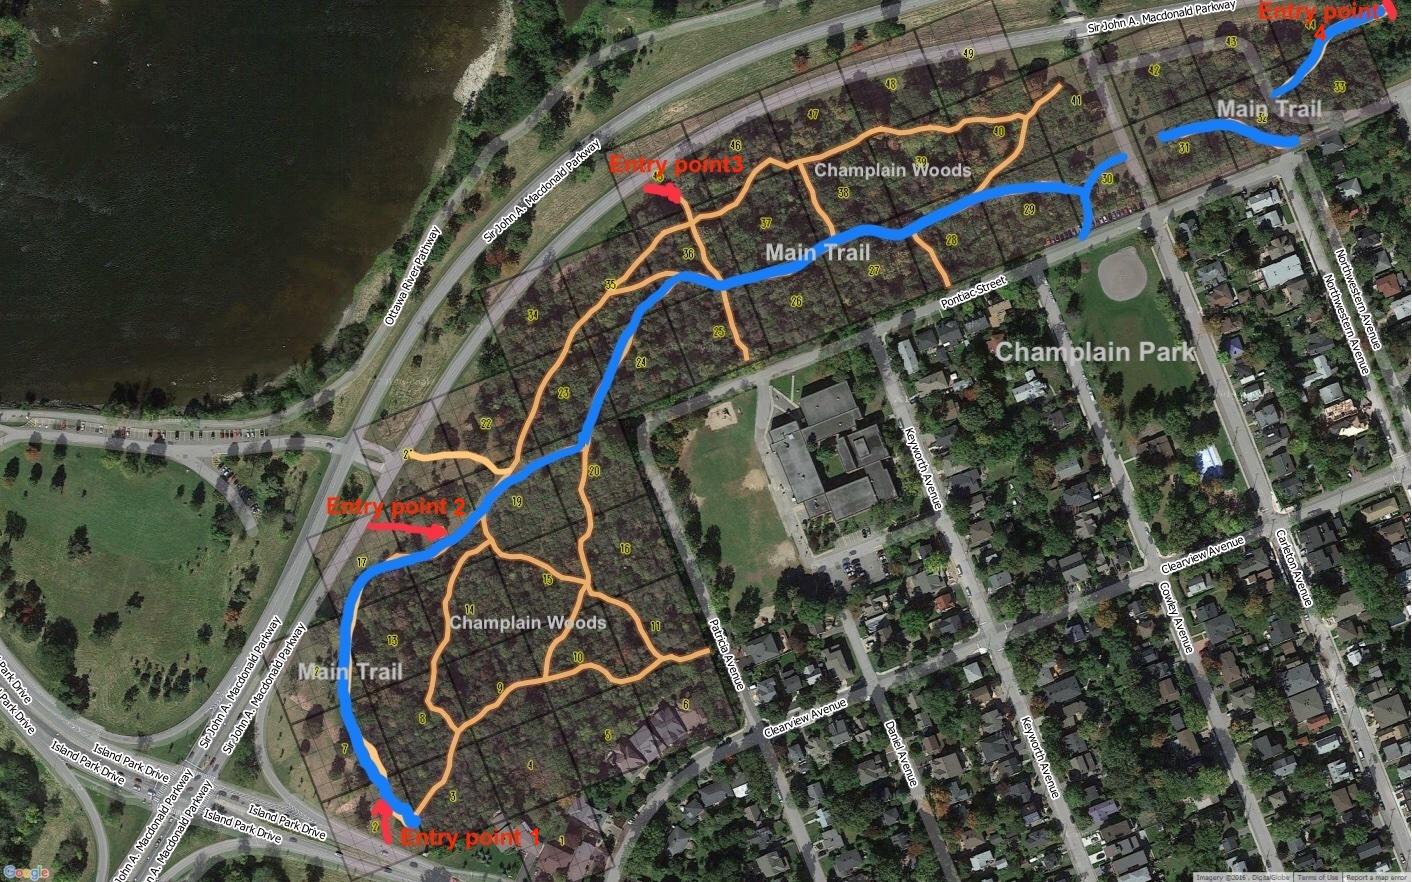 2021 Champlain Wood - Main Trails - Wood chips